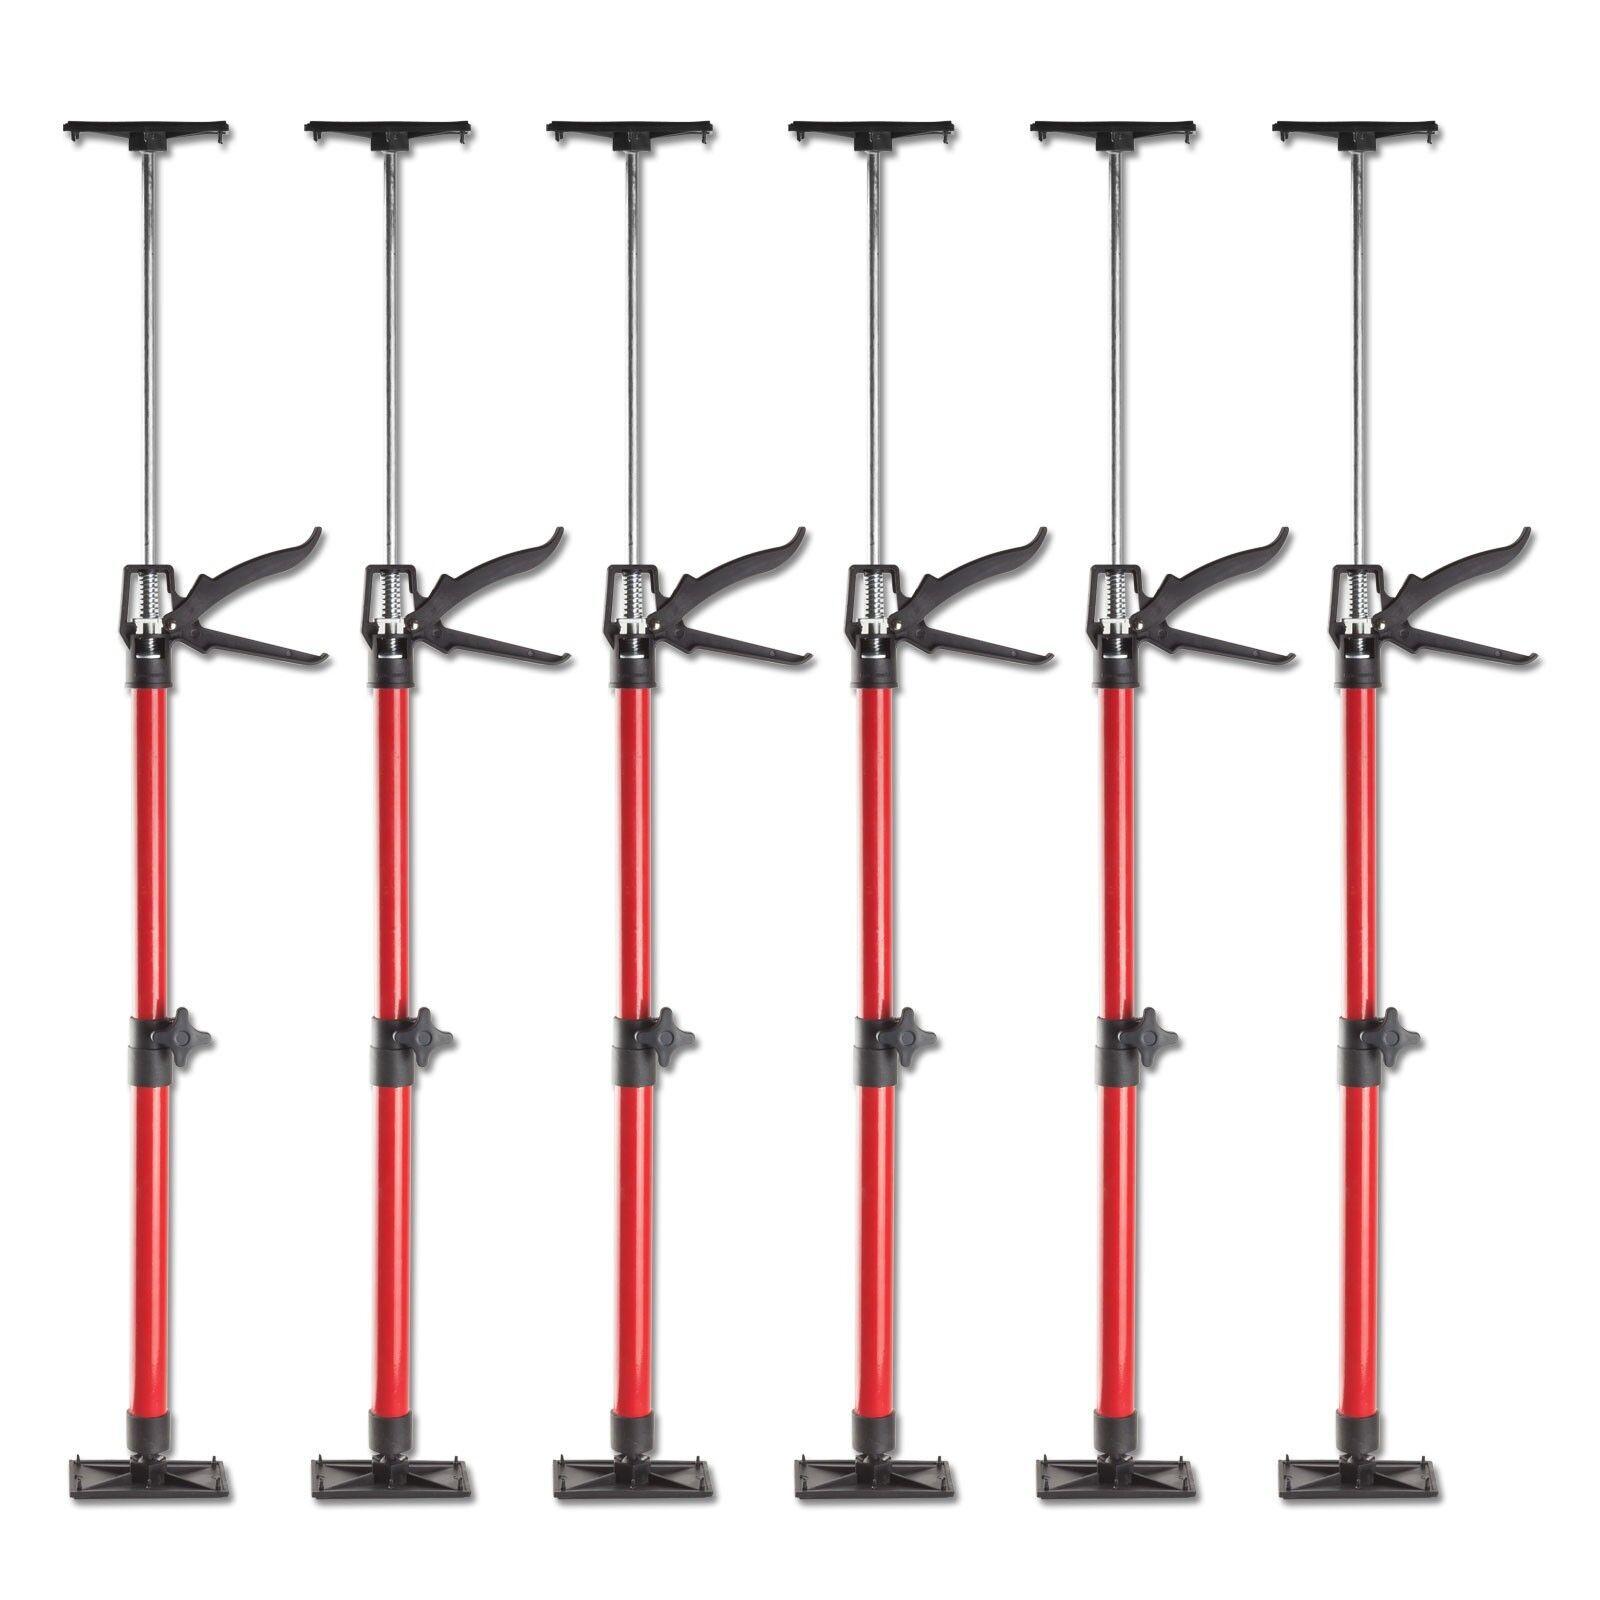 6x Türspanner Türfutterstrebe Türspreize 50-115cm Tür Zargenspanner 30kg Stahl